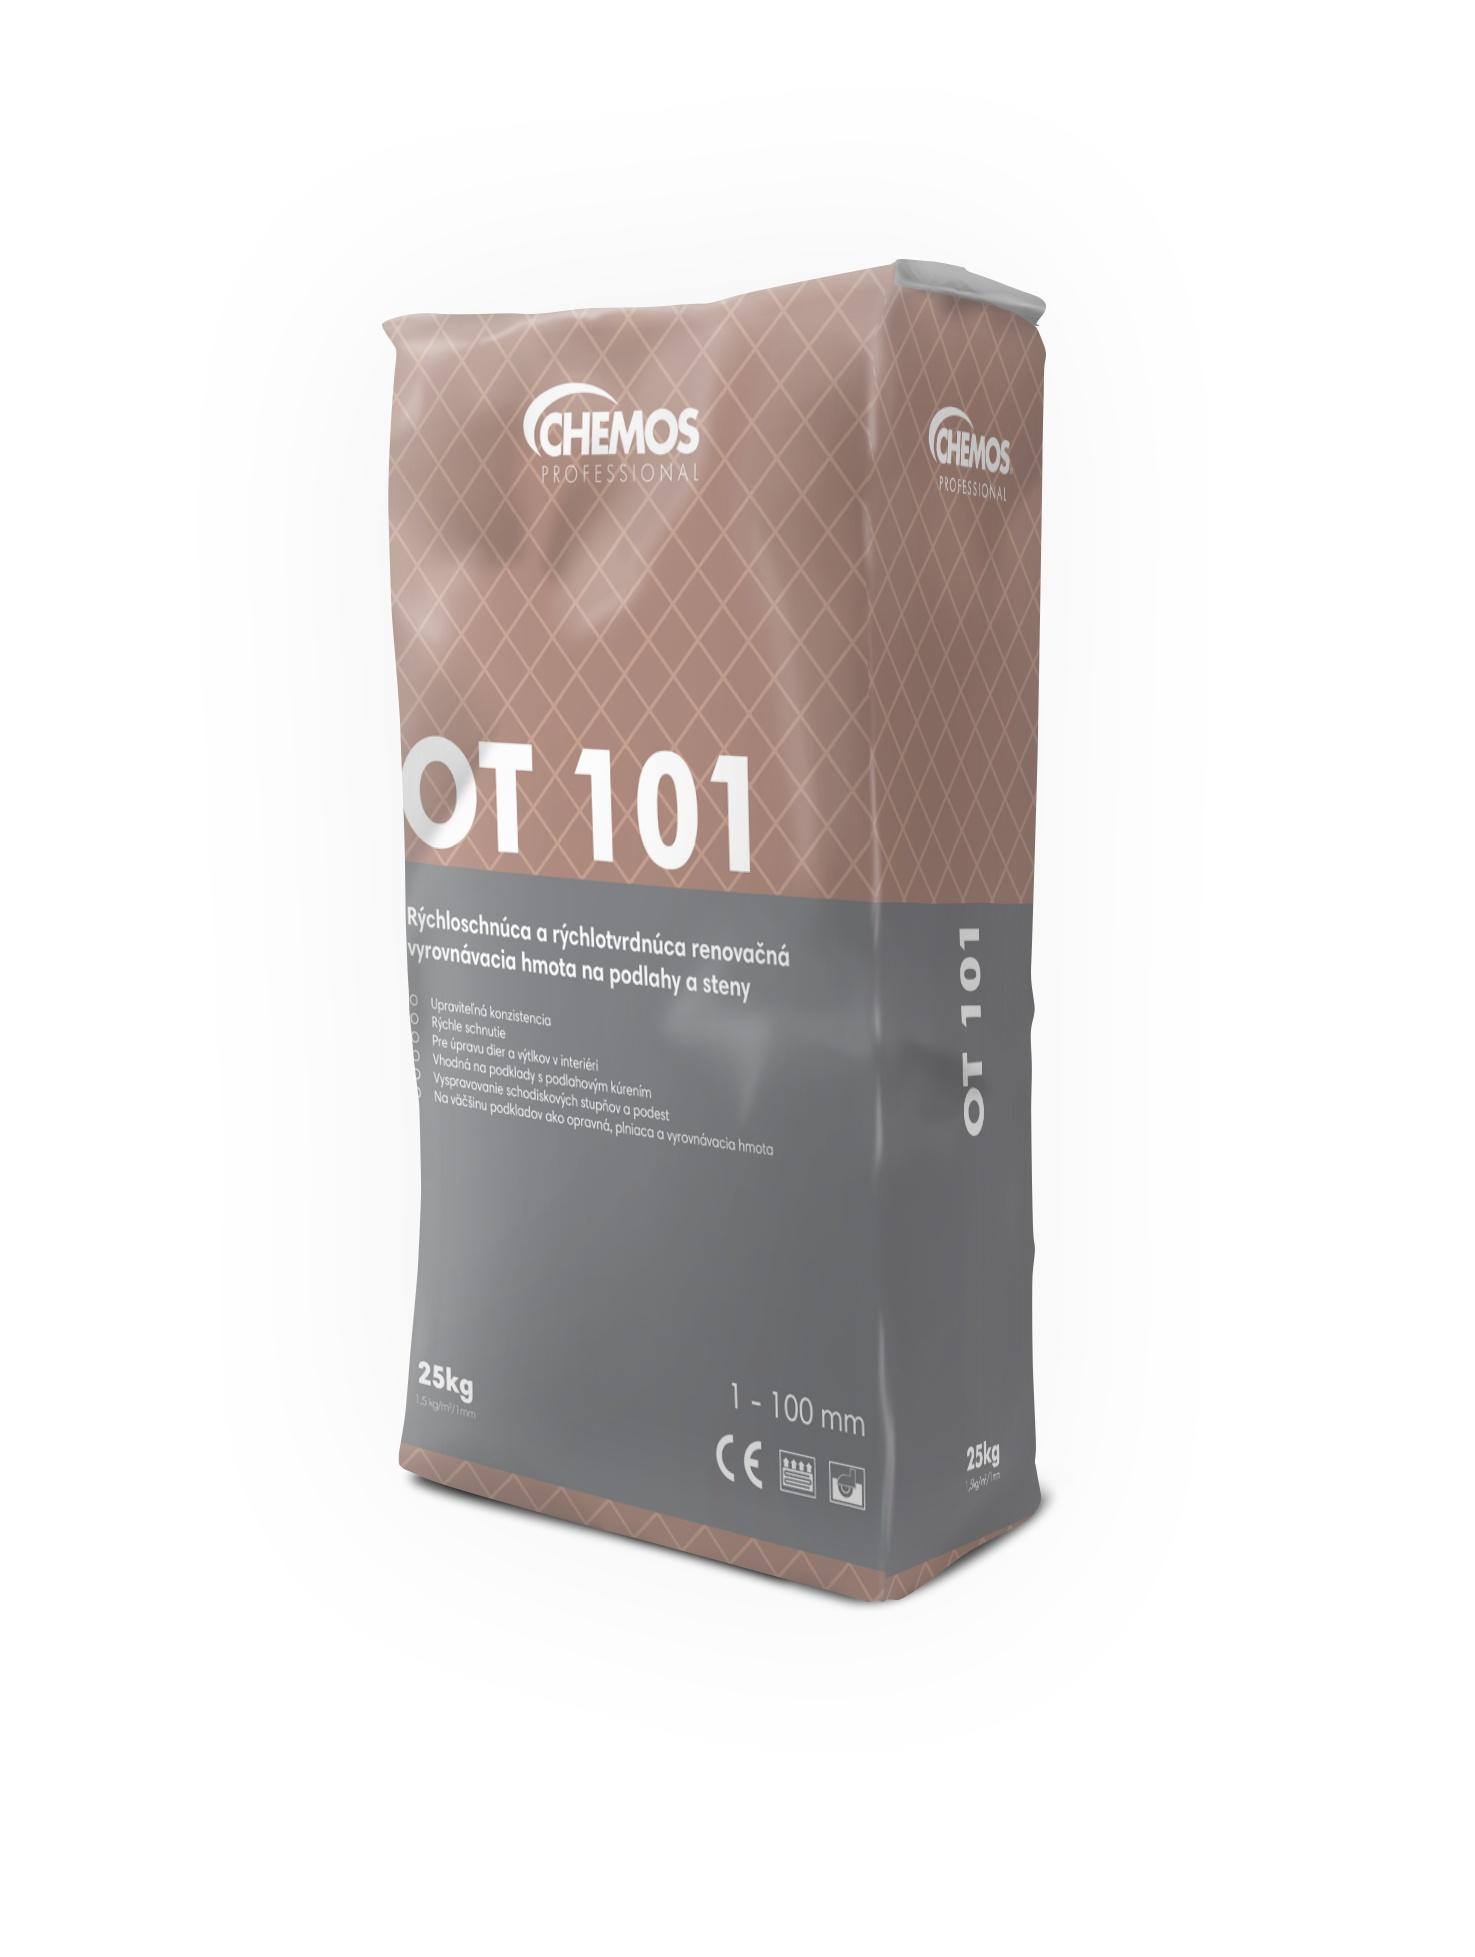 Chemos OT 101 opravný tmel 25kg